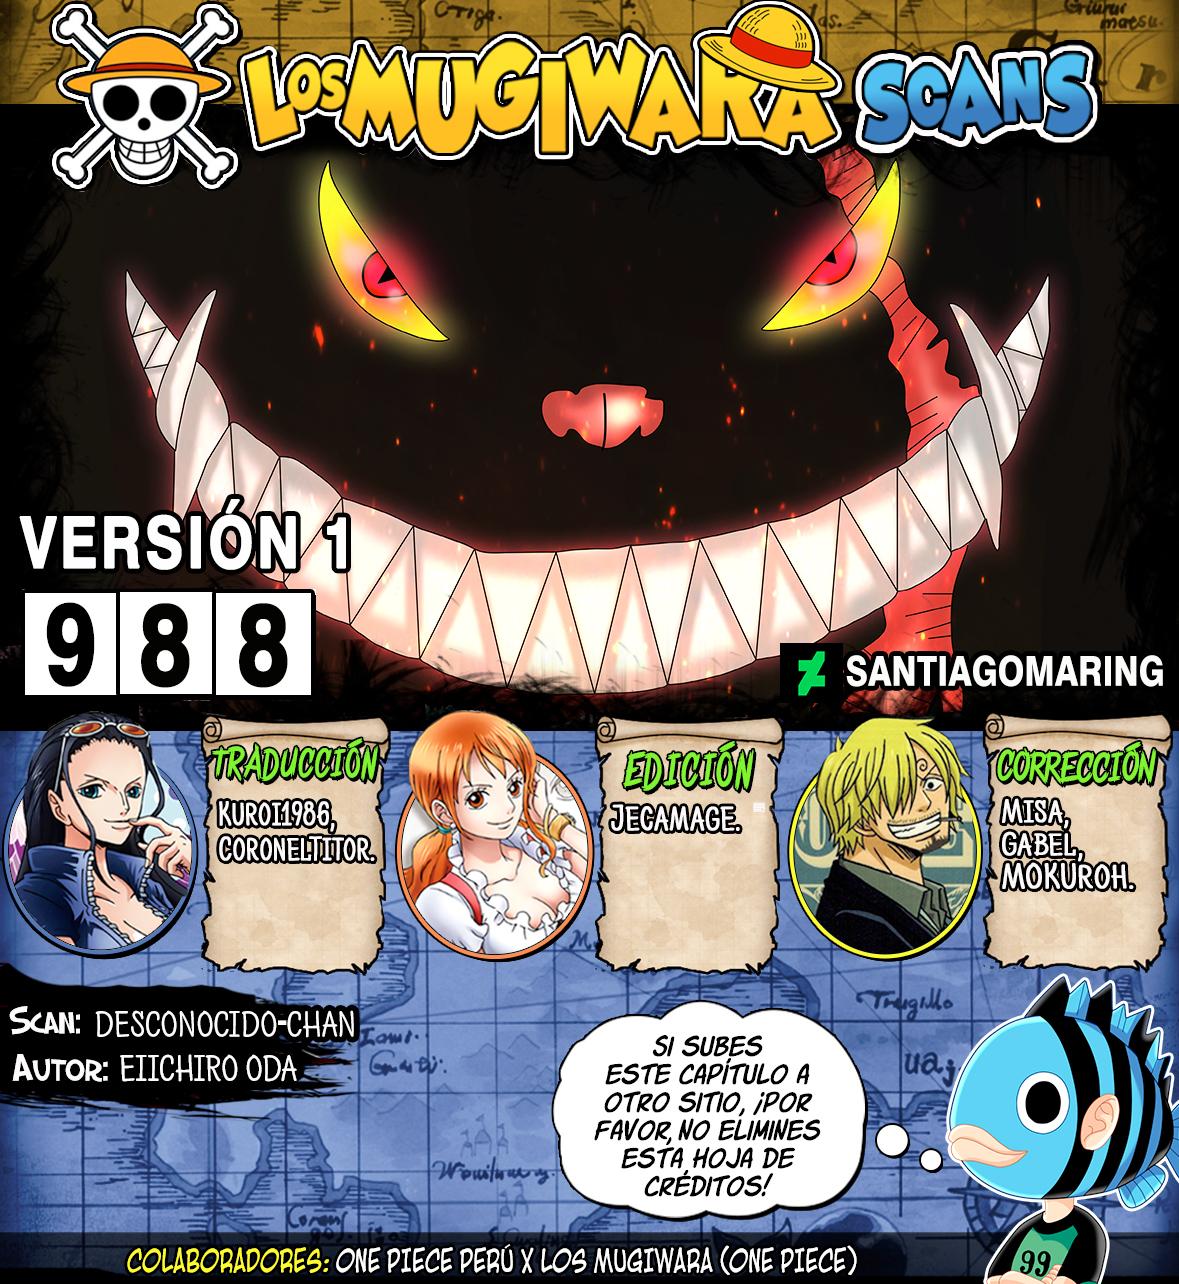 One Piece Manga 988 [Español] [Mugiwara Scans] 99